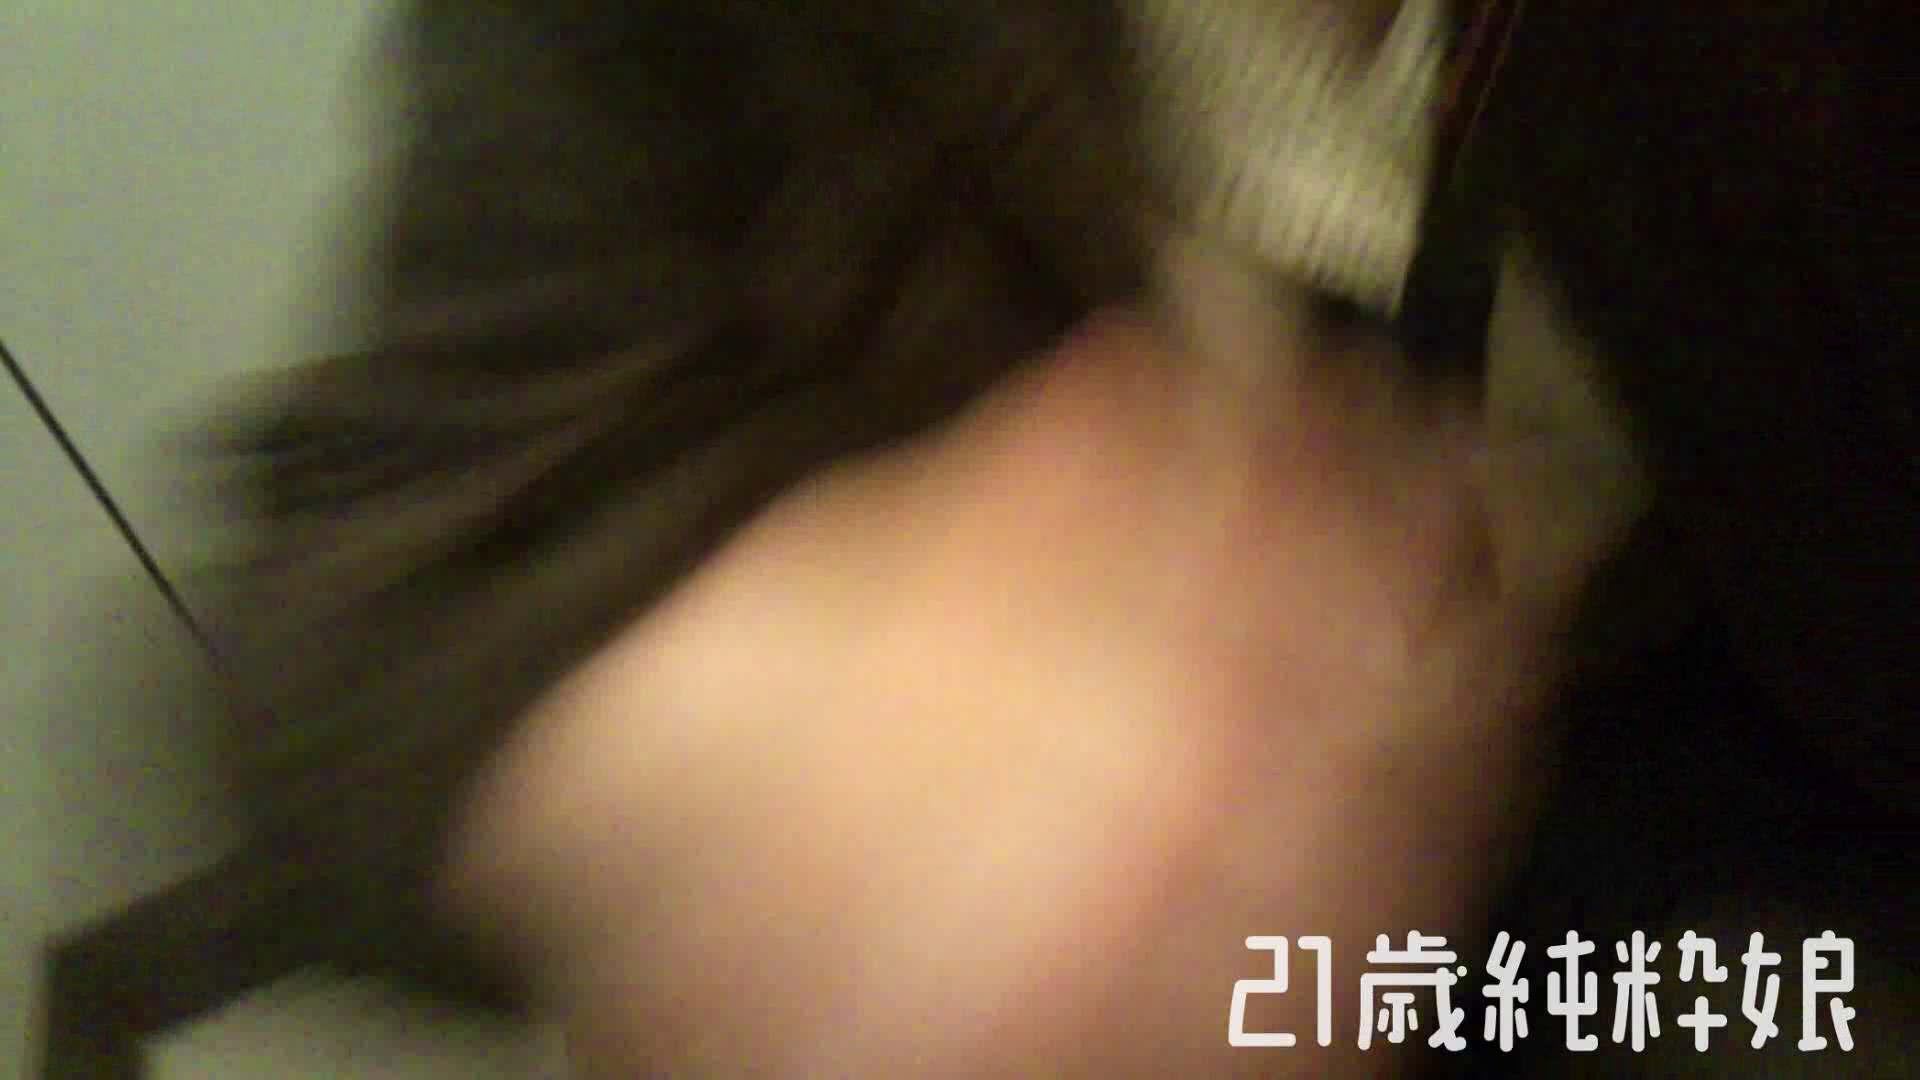 Gカップ21歳純粋嬢第2弾Vol.5 OL | 学校  75連発 35